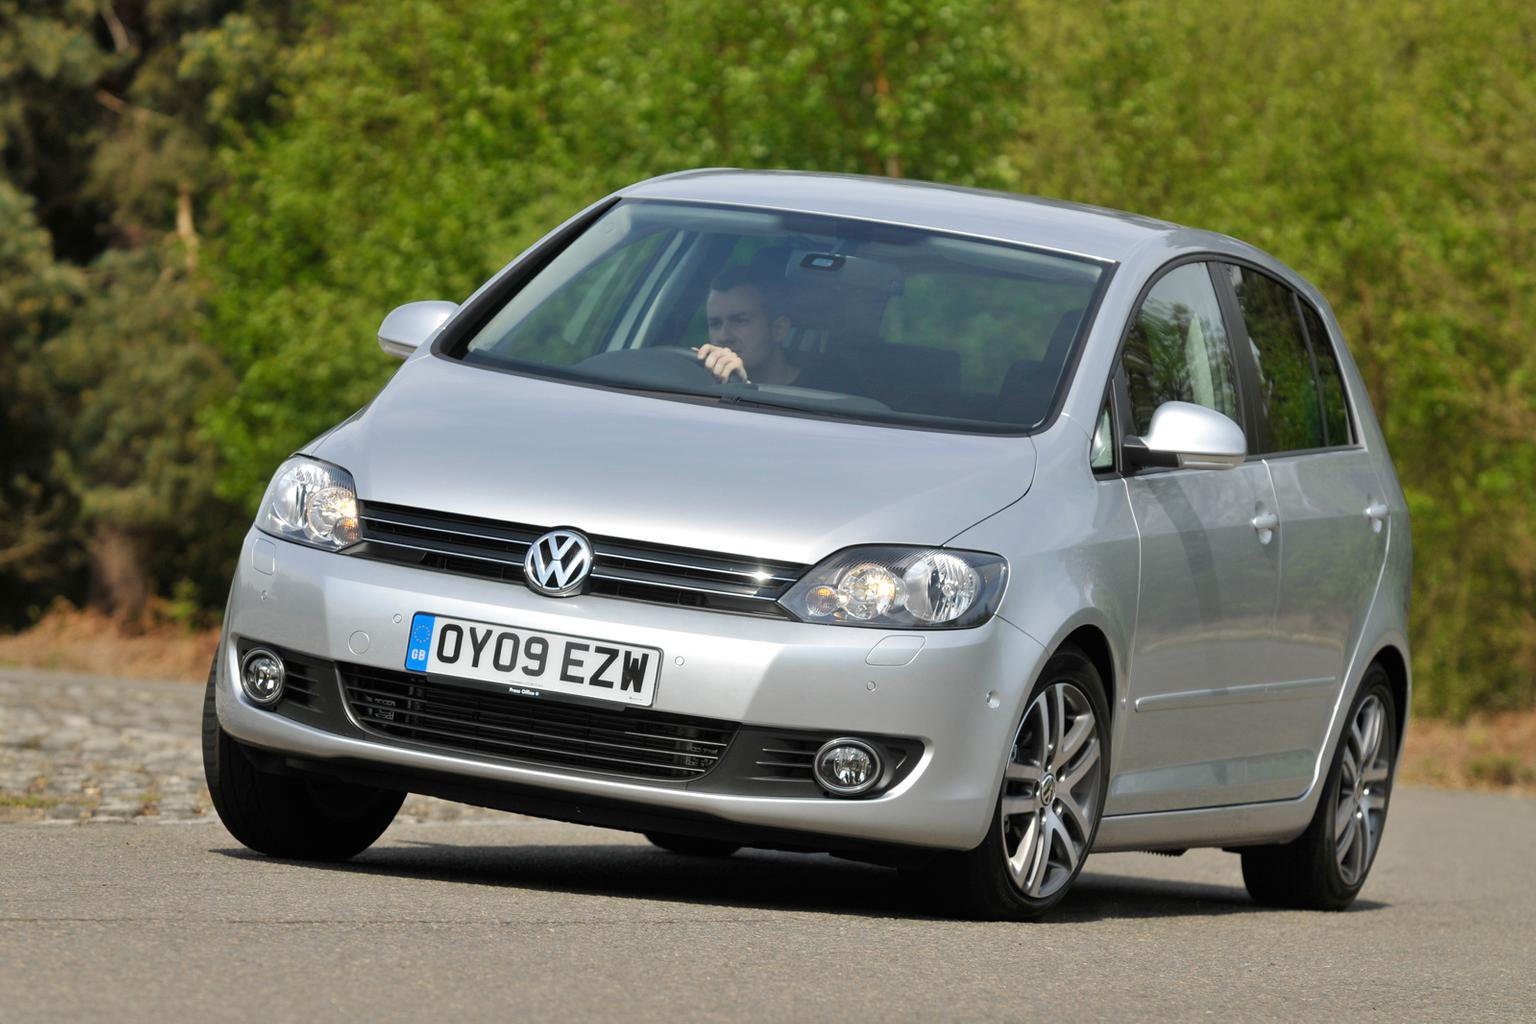 Used car of the week: Volkswagen Golf Plus